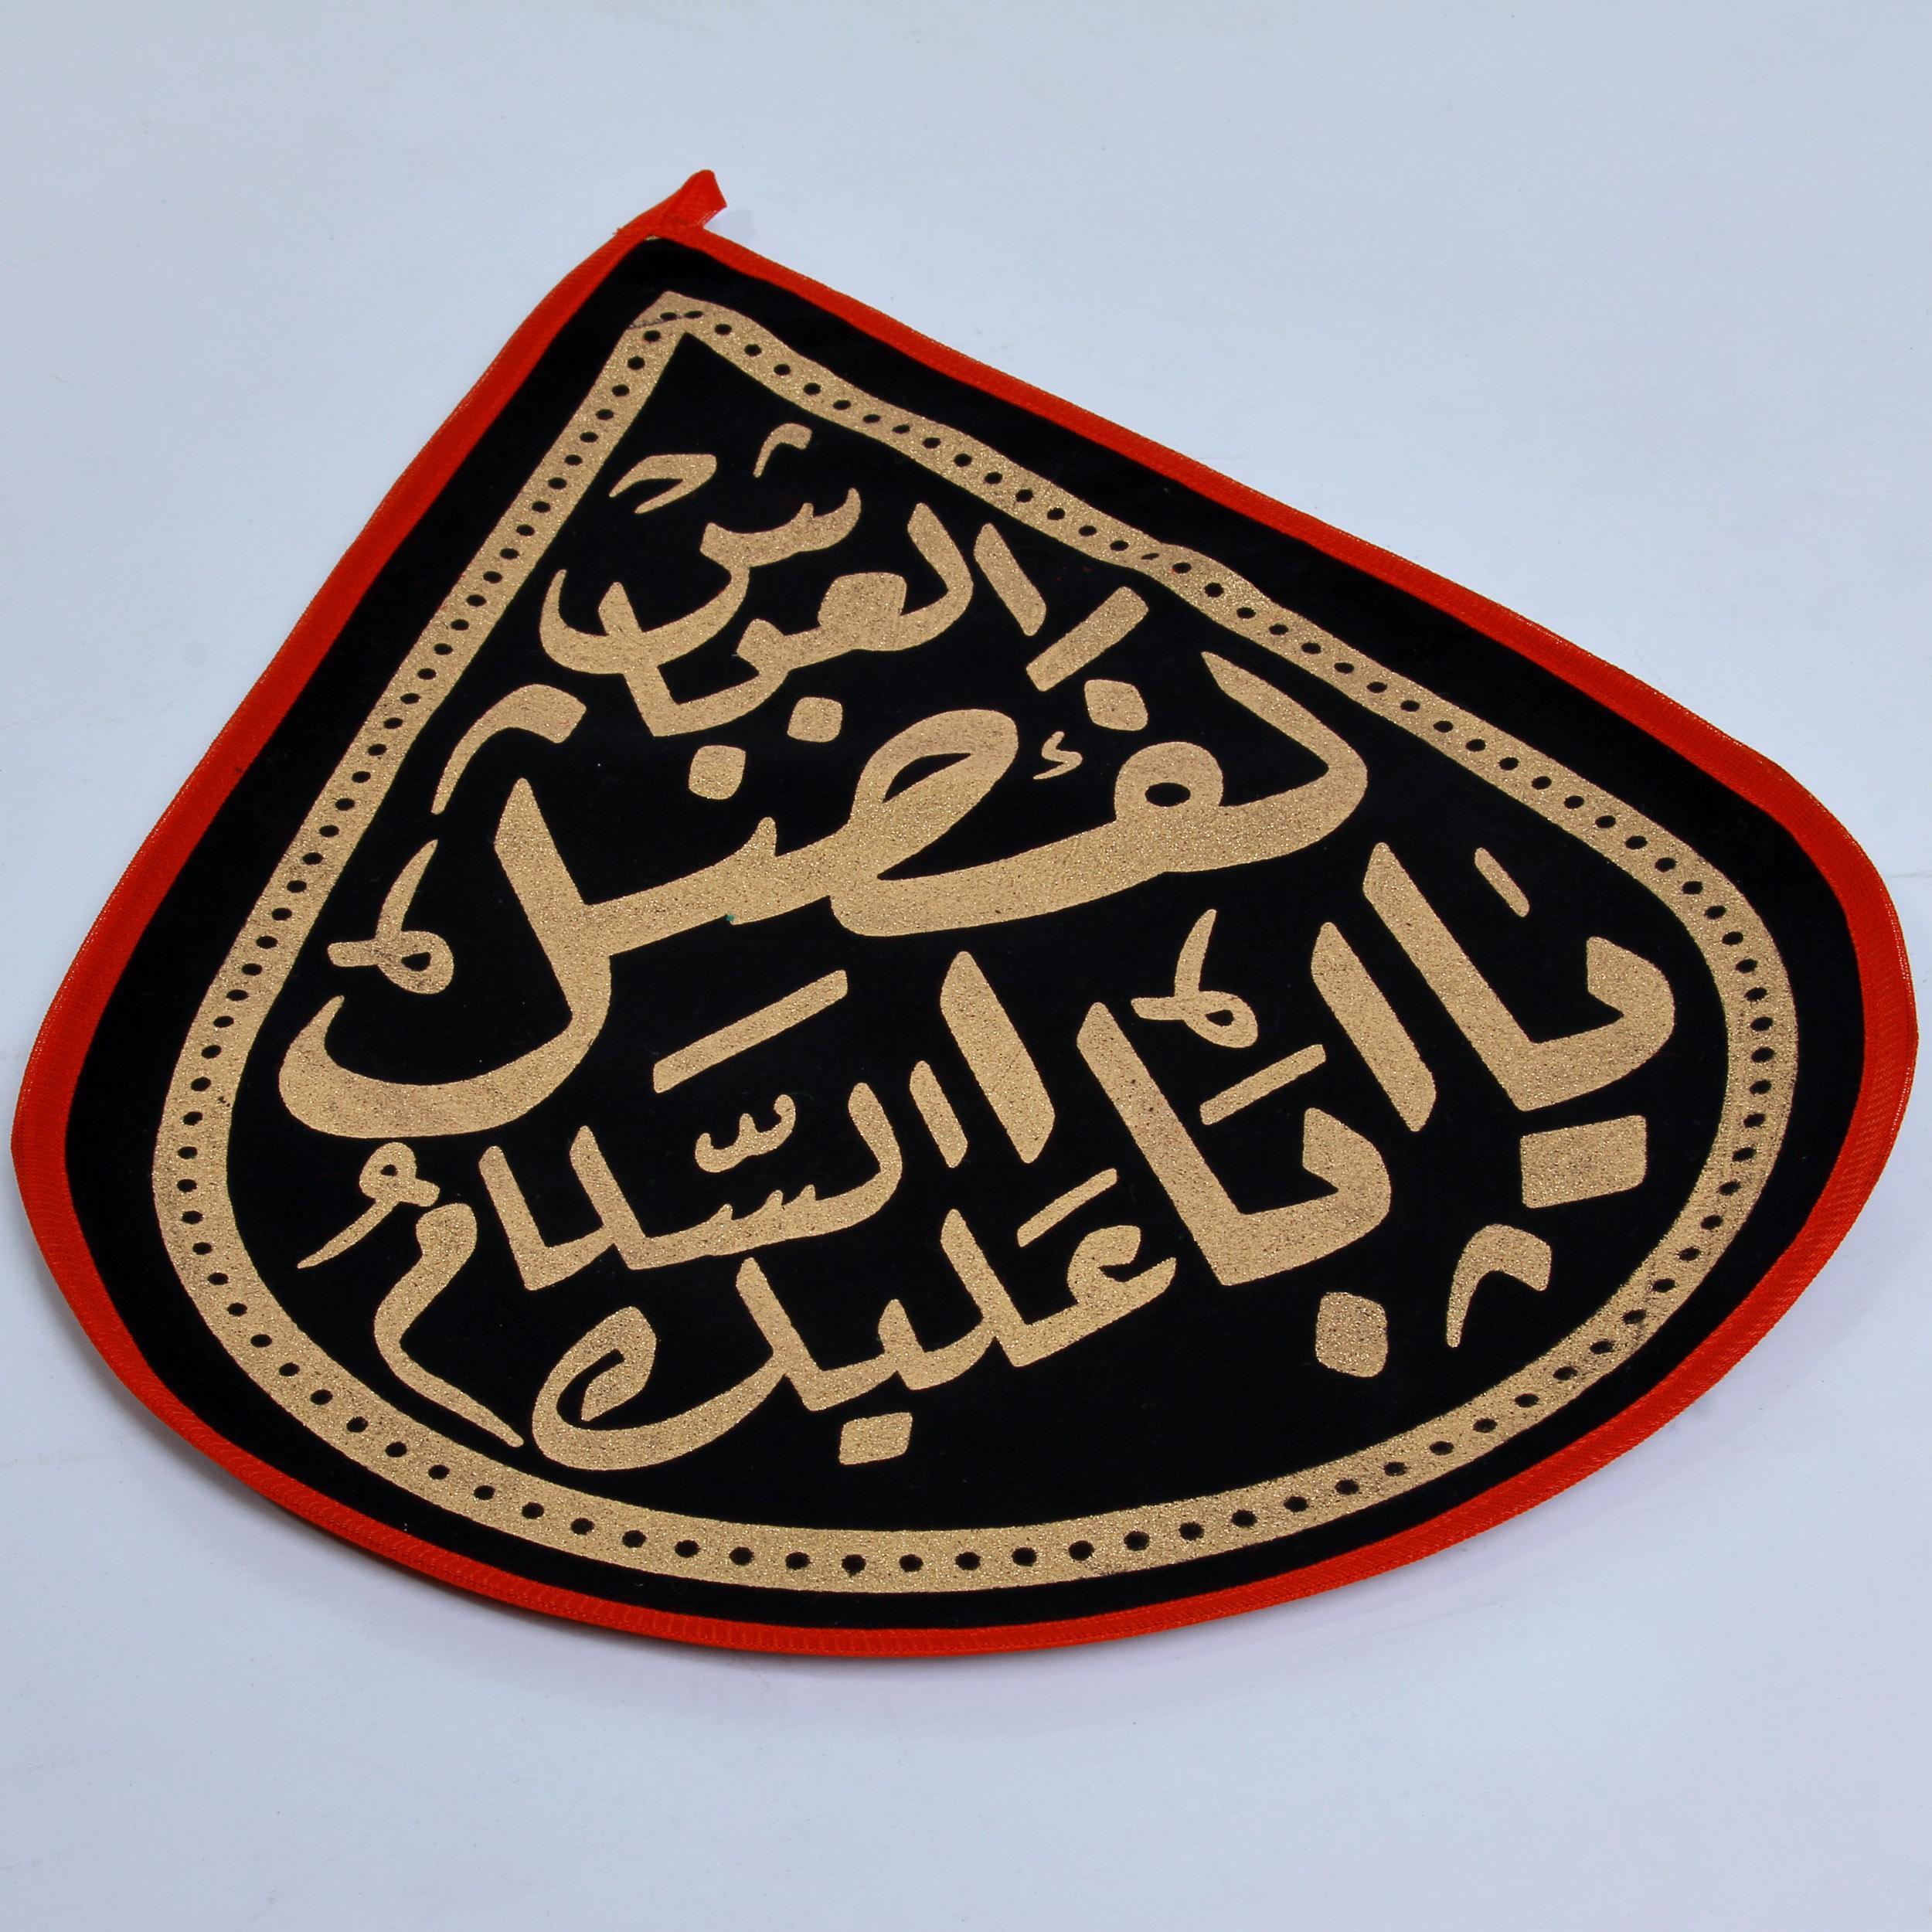 خرید                        پرچم طرح یااباالفضل العباس کد PAR_026